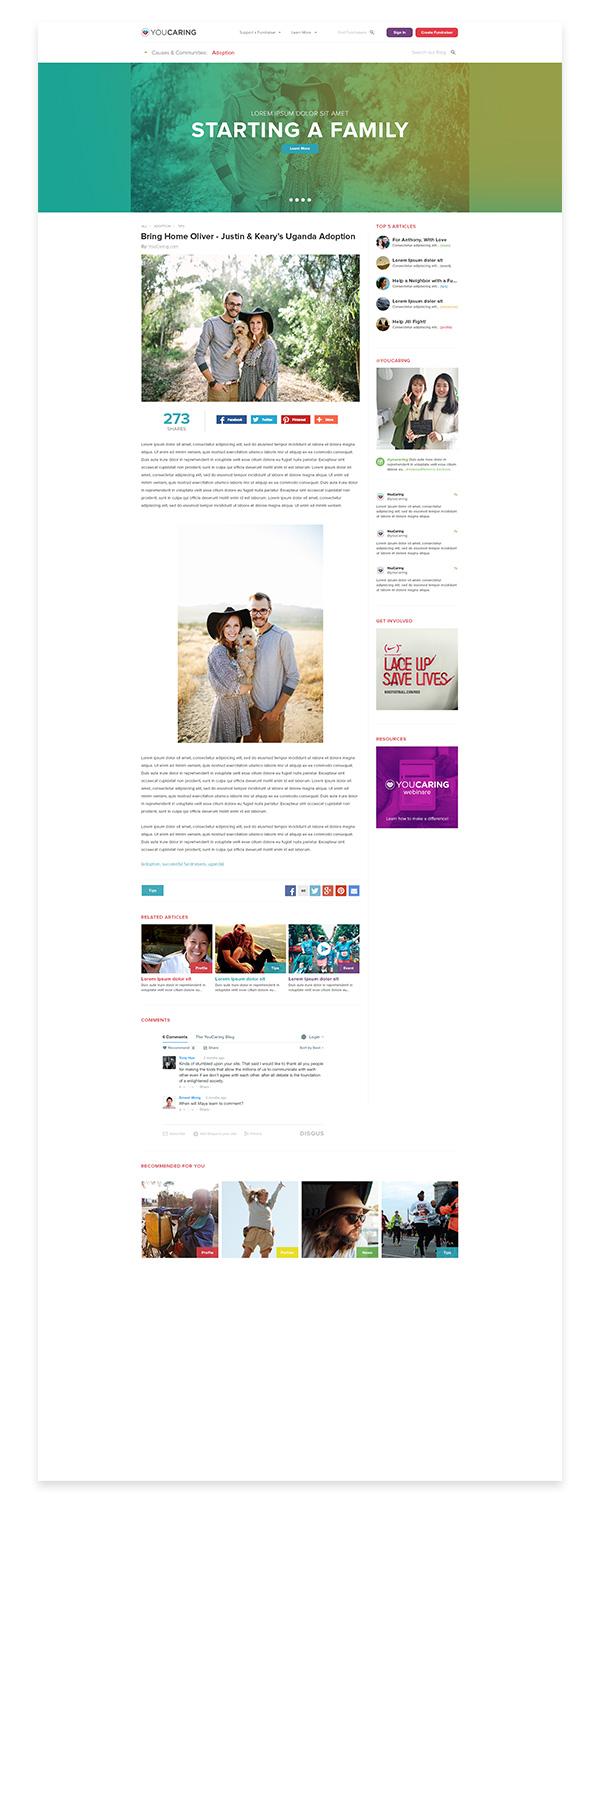 youcaring-marketing-website-2.jpg